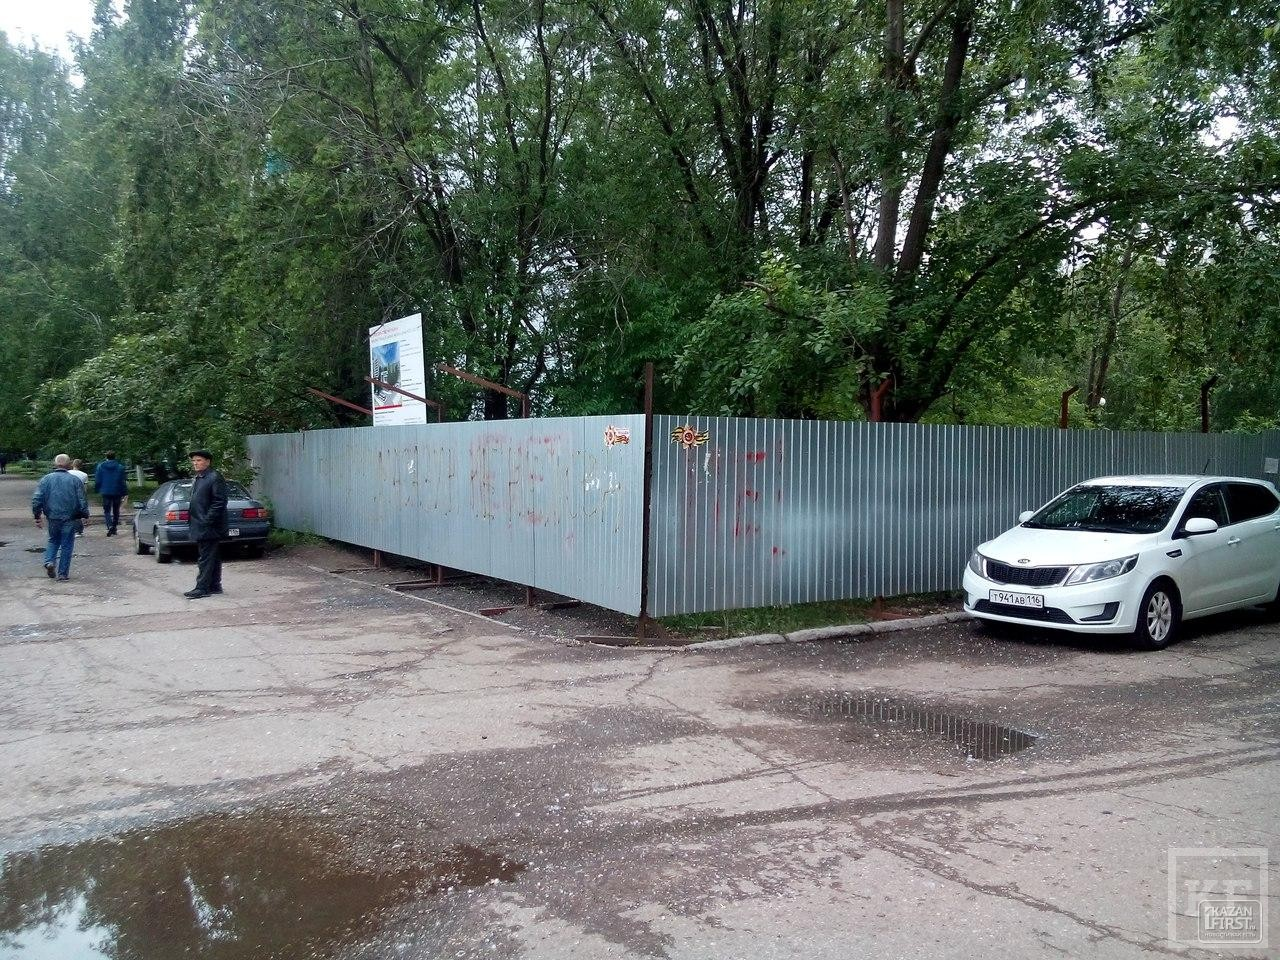 Точка поставлена: Магдеев попросил Фандуса Хафизова не строить магазин на месте сквера Победы в Челнах